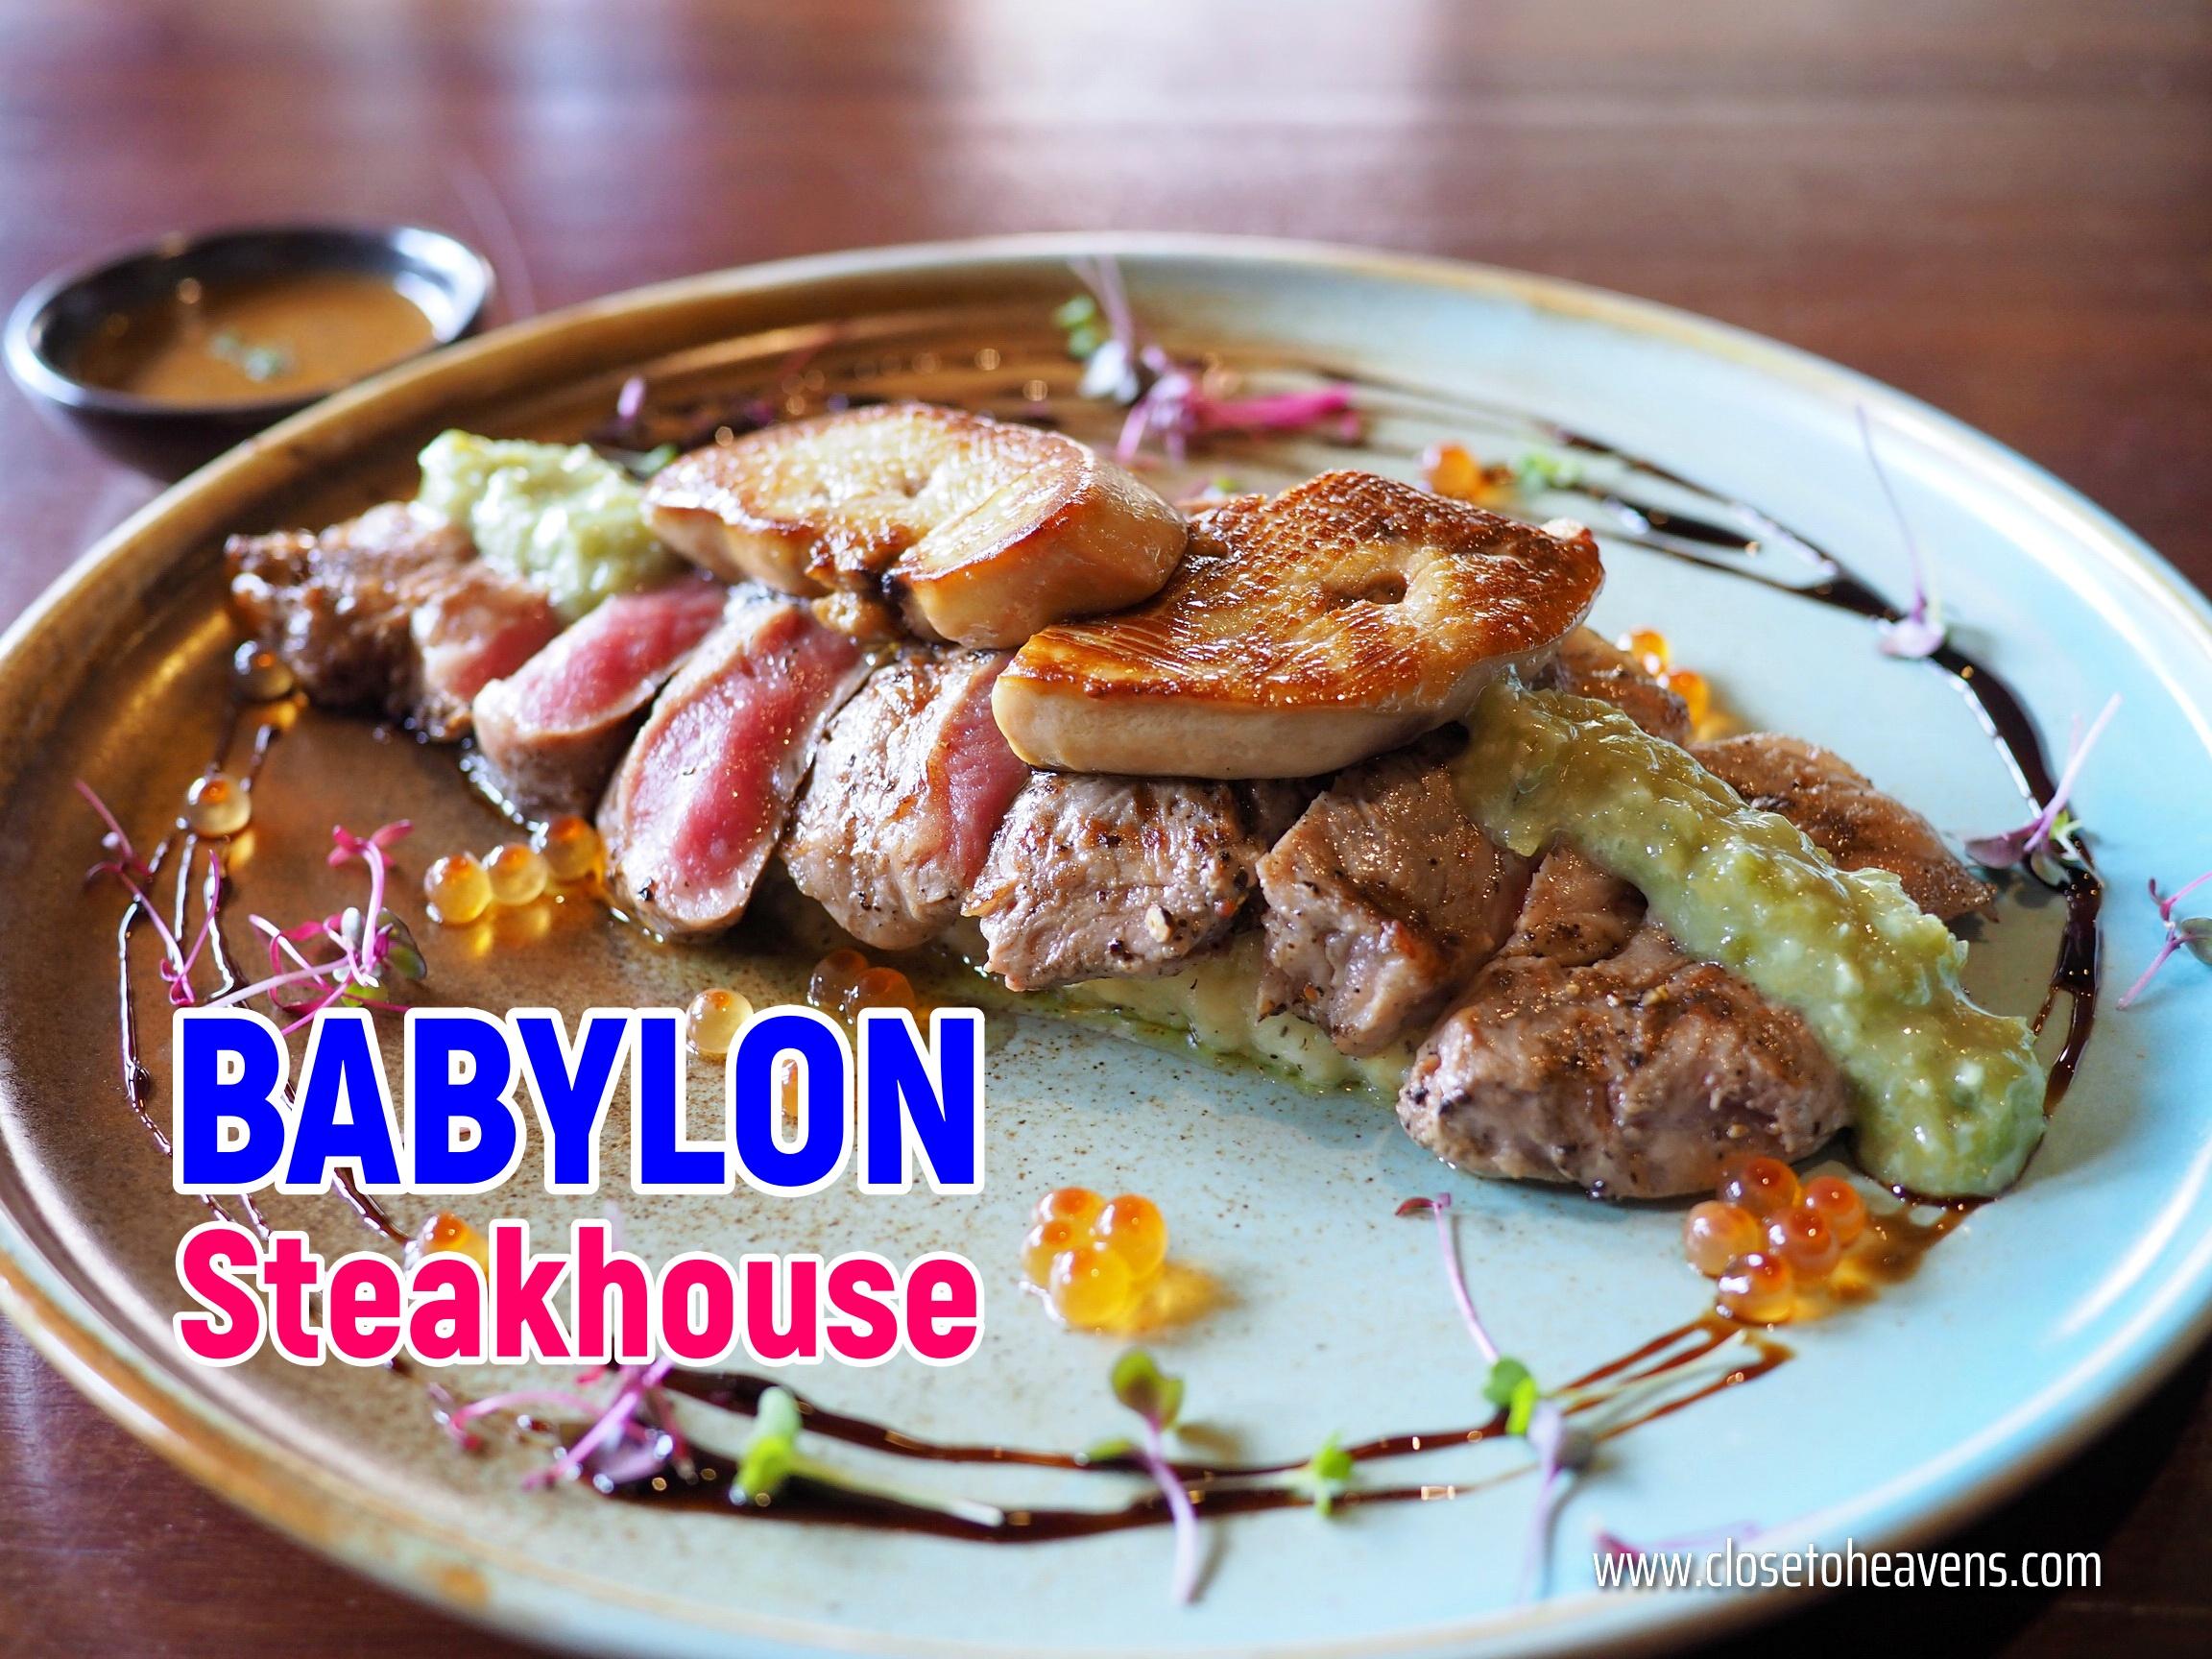 ฺบุฟเฟ่ต์ เนื้อวากิว Babylon Steakhouse x Hungry Hub